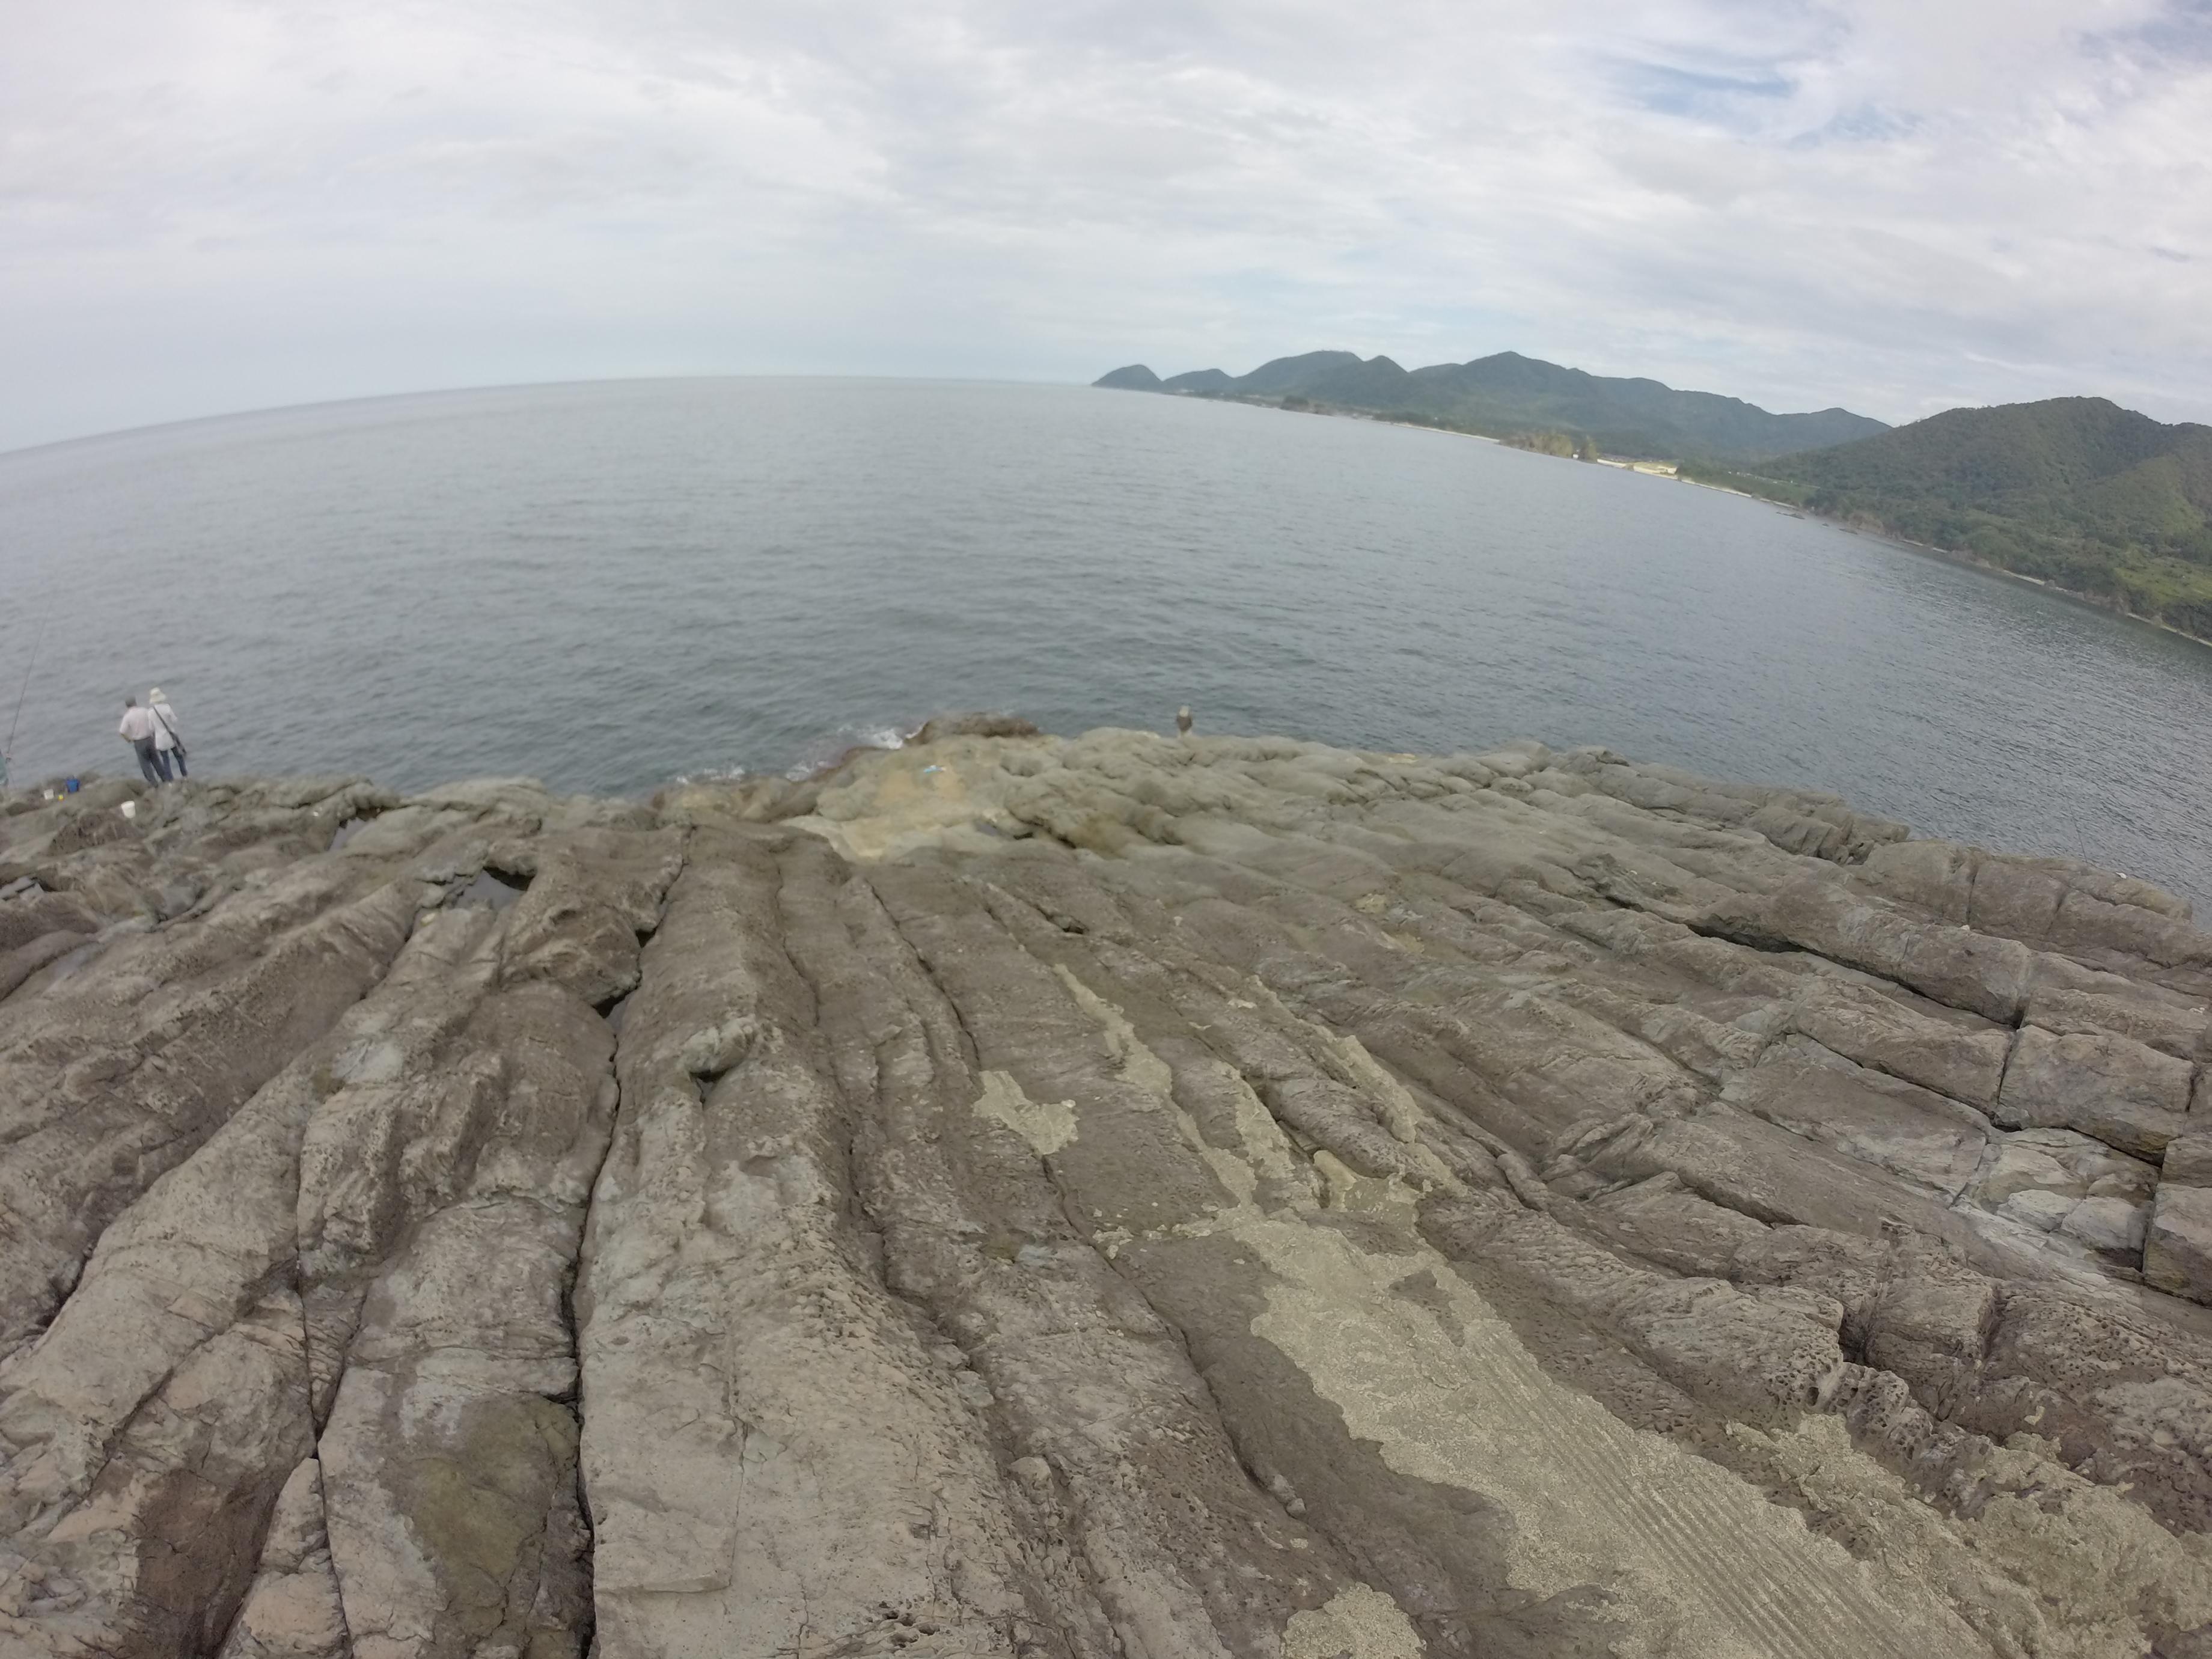 犬ヶ岬地磯の釣り場紹介、京都丹後のヒラマサが釣れる青物釣り場ショアジギングポイント